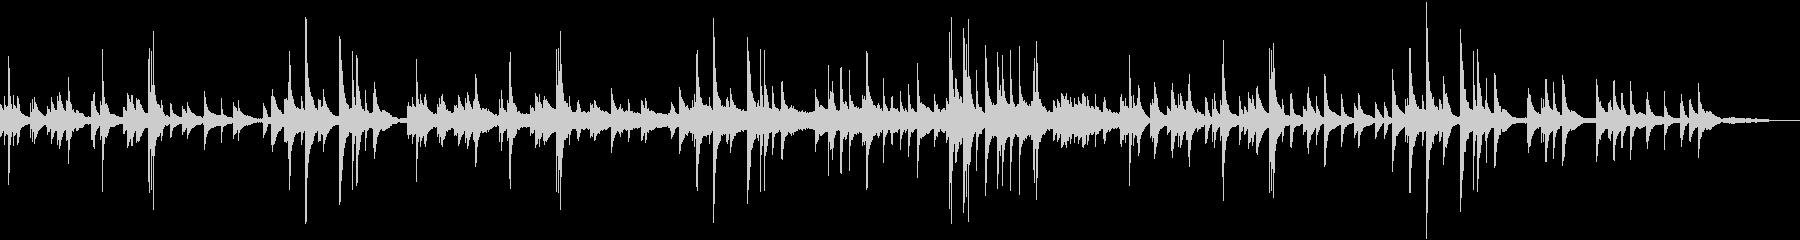 ケルティックハープのゆったりした優しい曲の未再生の波形